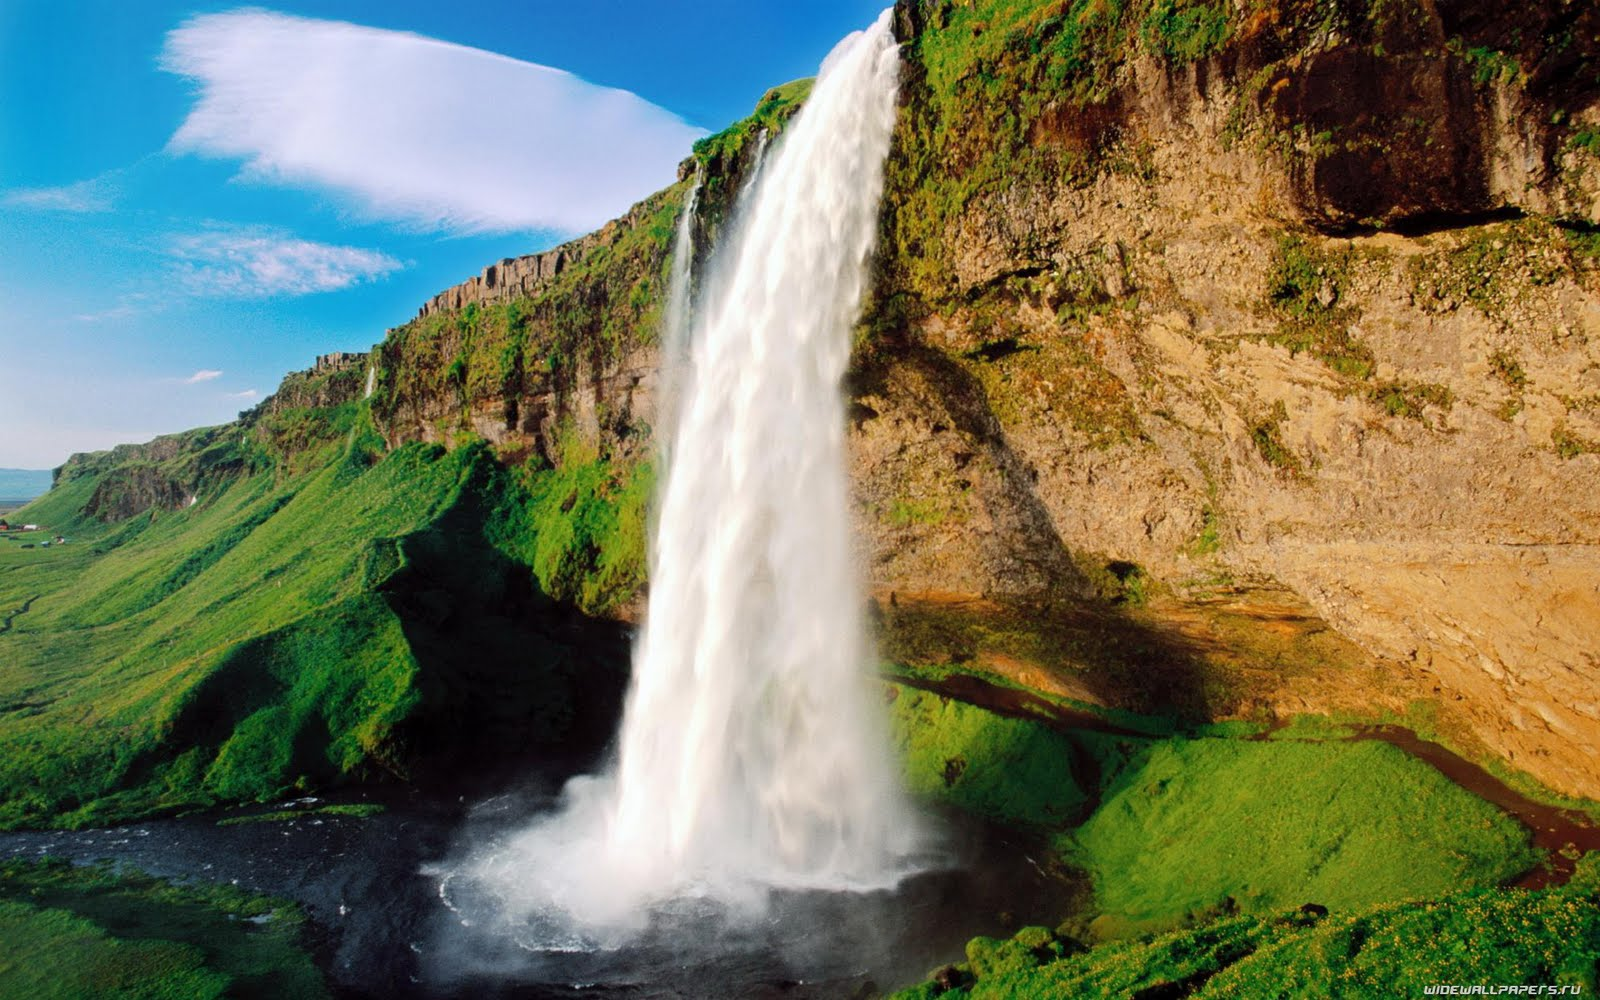 http://1.bp.blogspot.com/-mVszxsjsbBg/TclDuQTc8YI/AAAAAAAAL00/WTG1ex0P8rI/s1600/nature-wallpaper-1920x1200-042.jpg